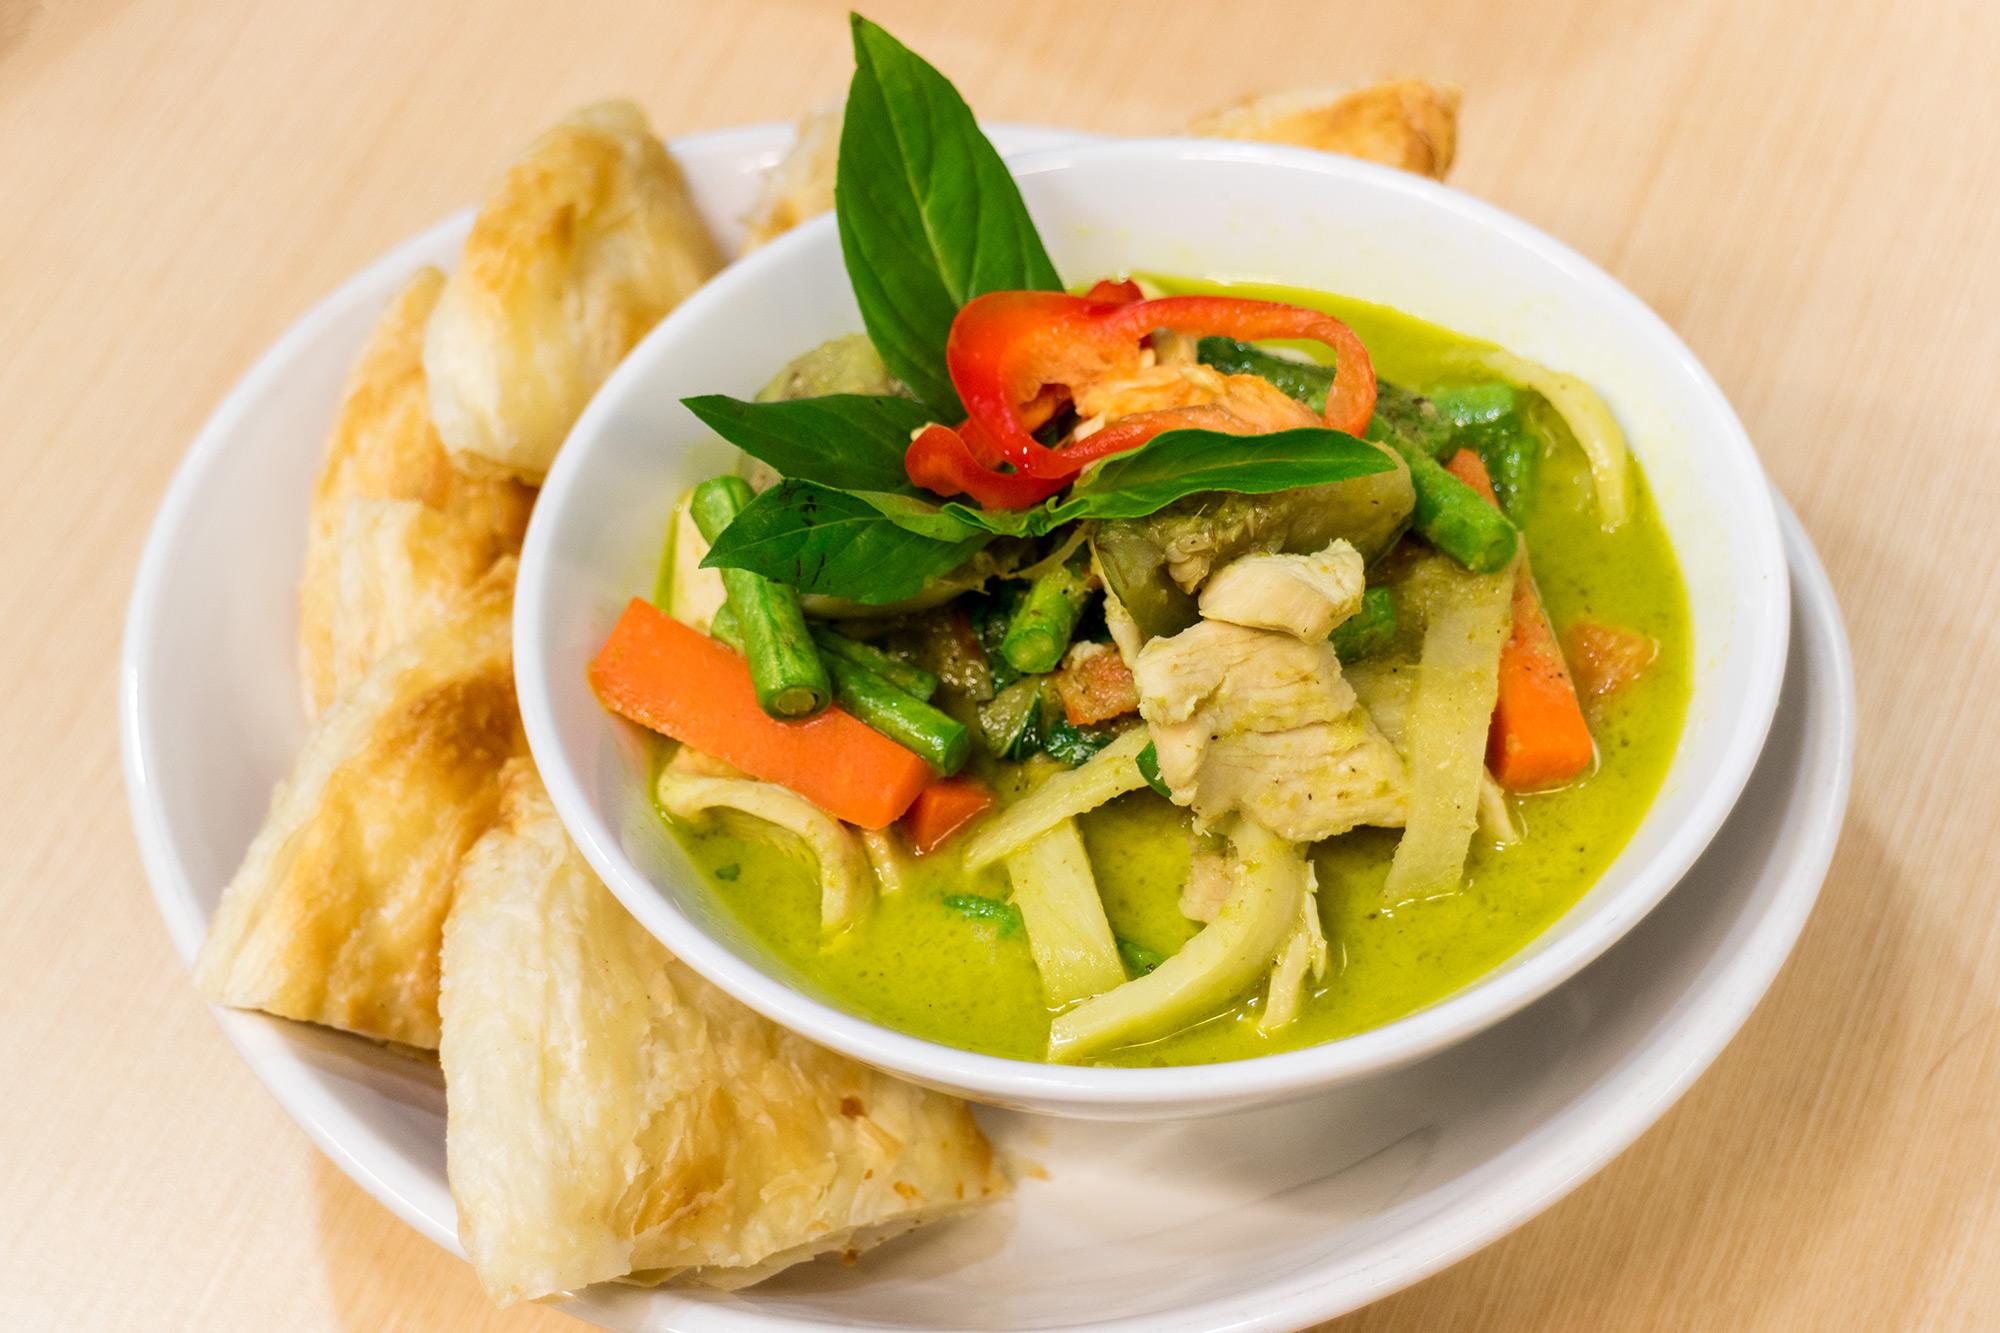 โรตีแกงเขียวหวานไก่  Thai Chef Express ท่าอากาศยานสุวรรณภูมิ IMG 1488